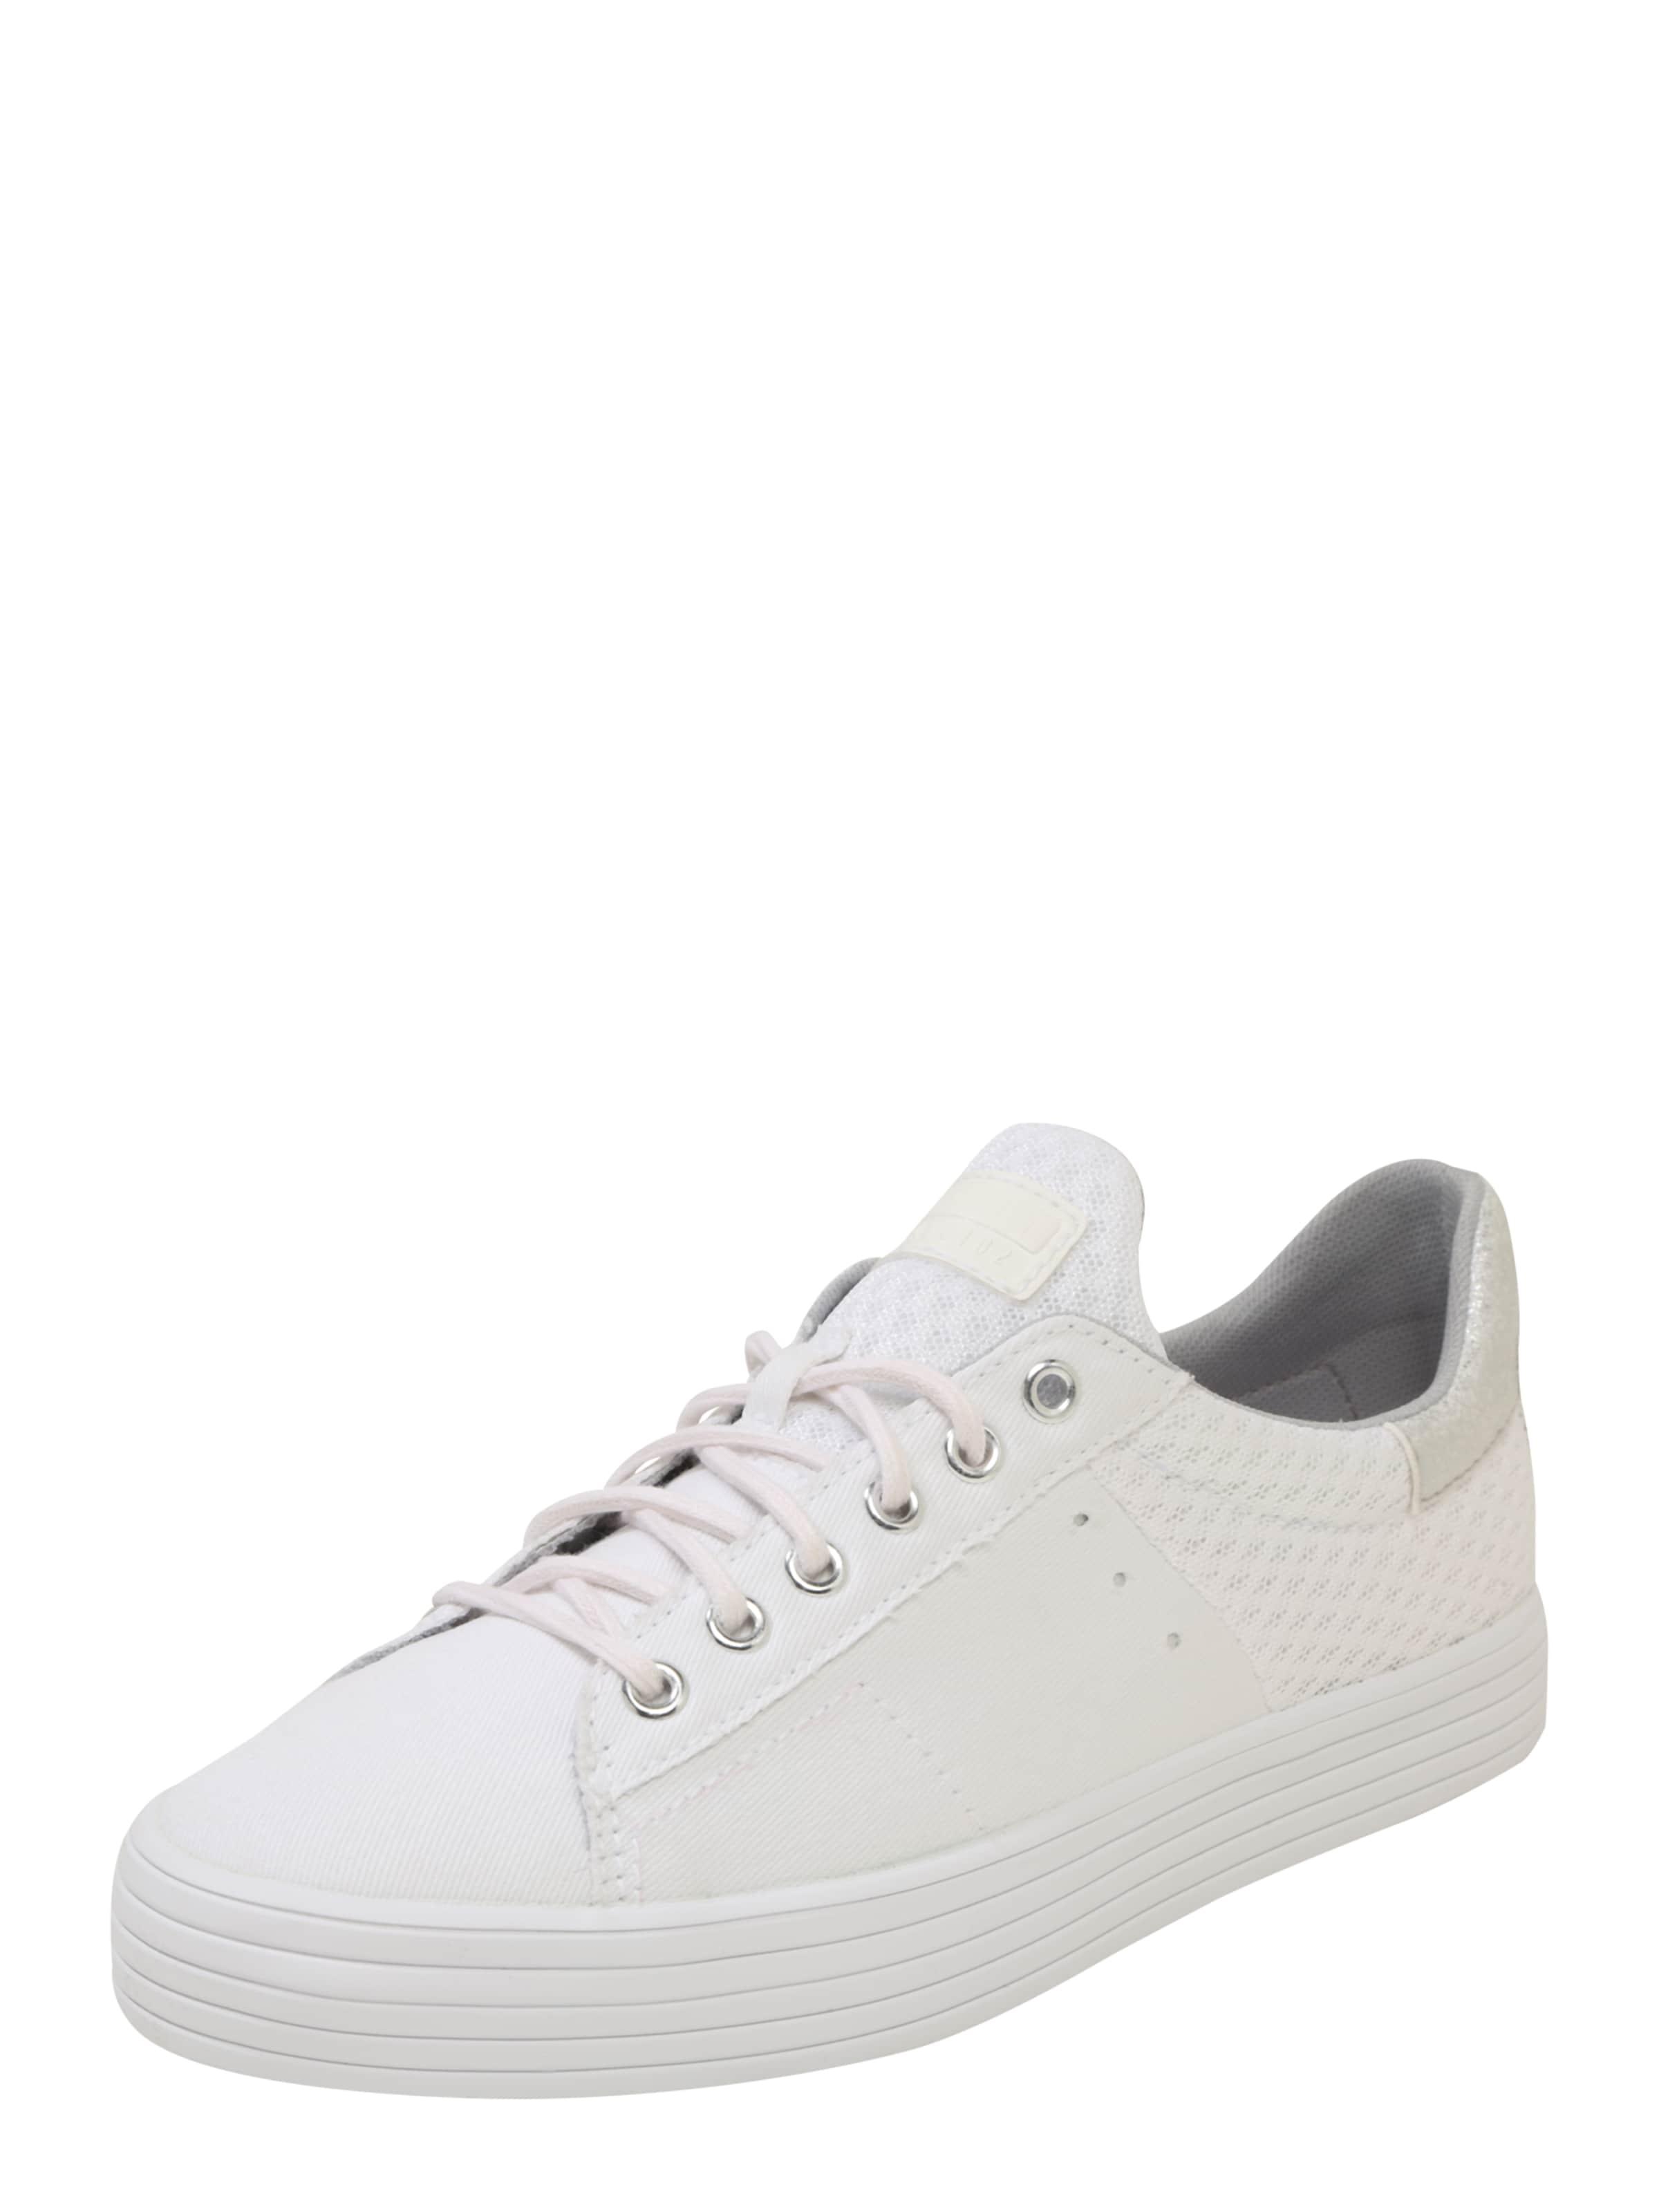 ESPRIT Sneaker Sita Verschleißfeste billige Schuhe